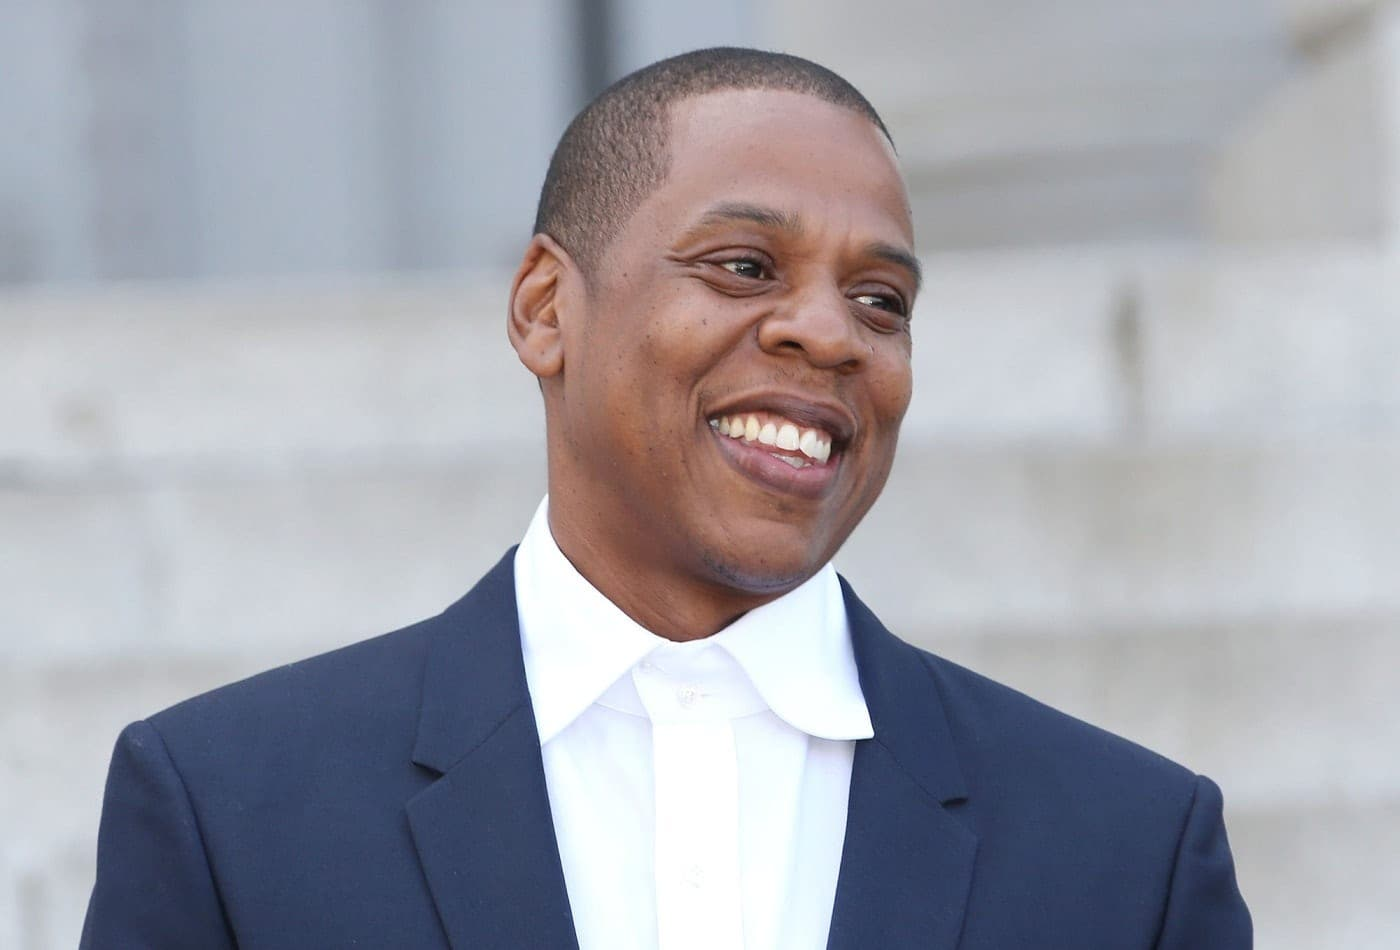 Etats-Unis : Jay-Z prête son Jet privé aux avocats de la famille d'un Joggeur noir assassiné